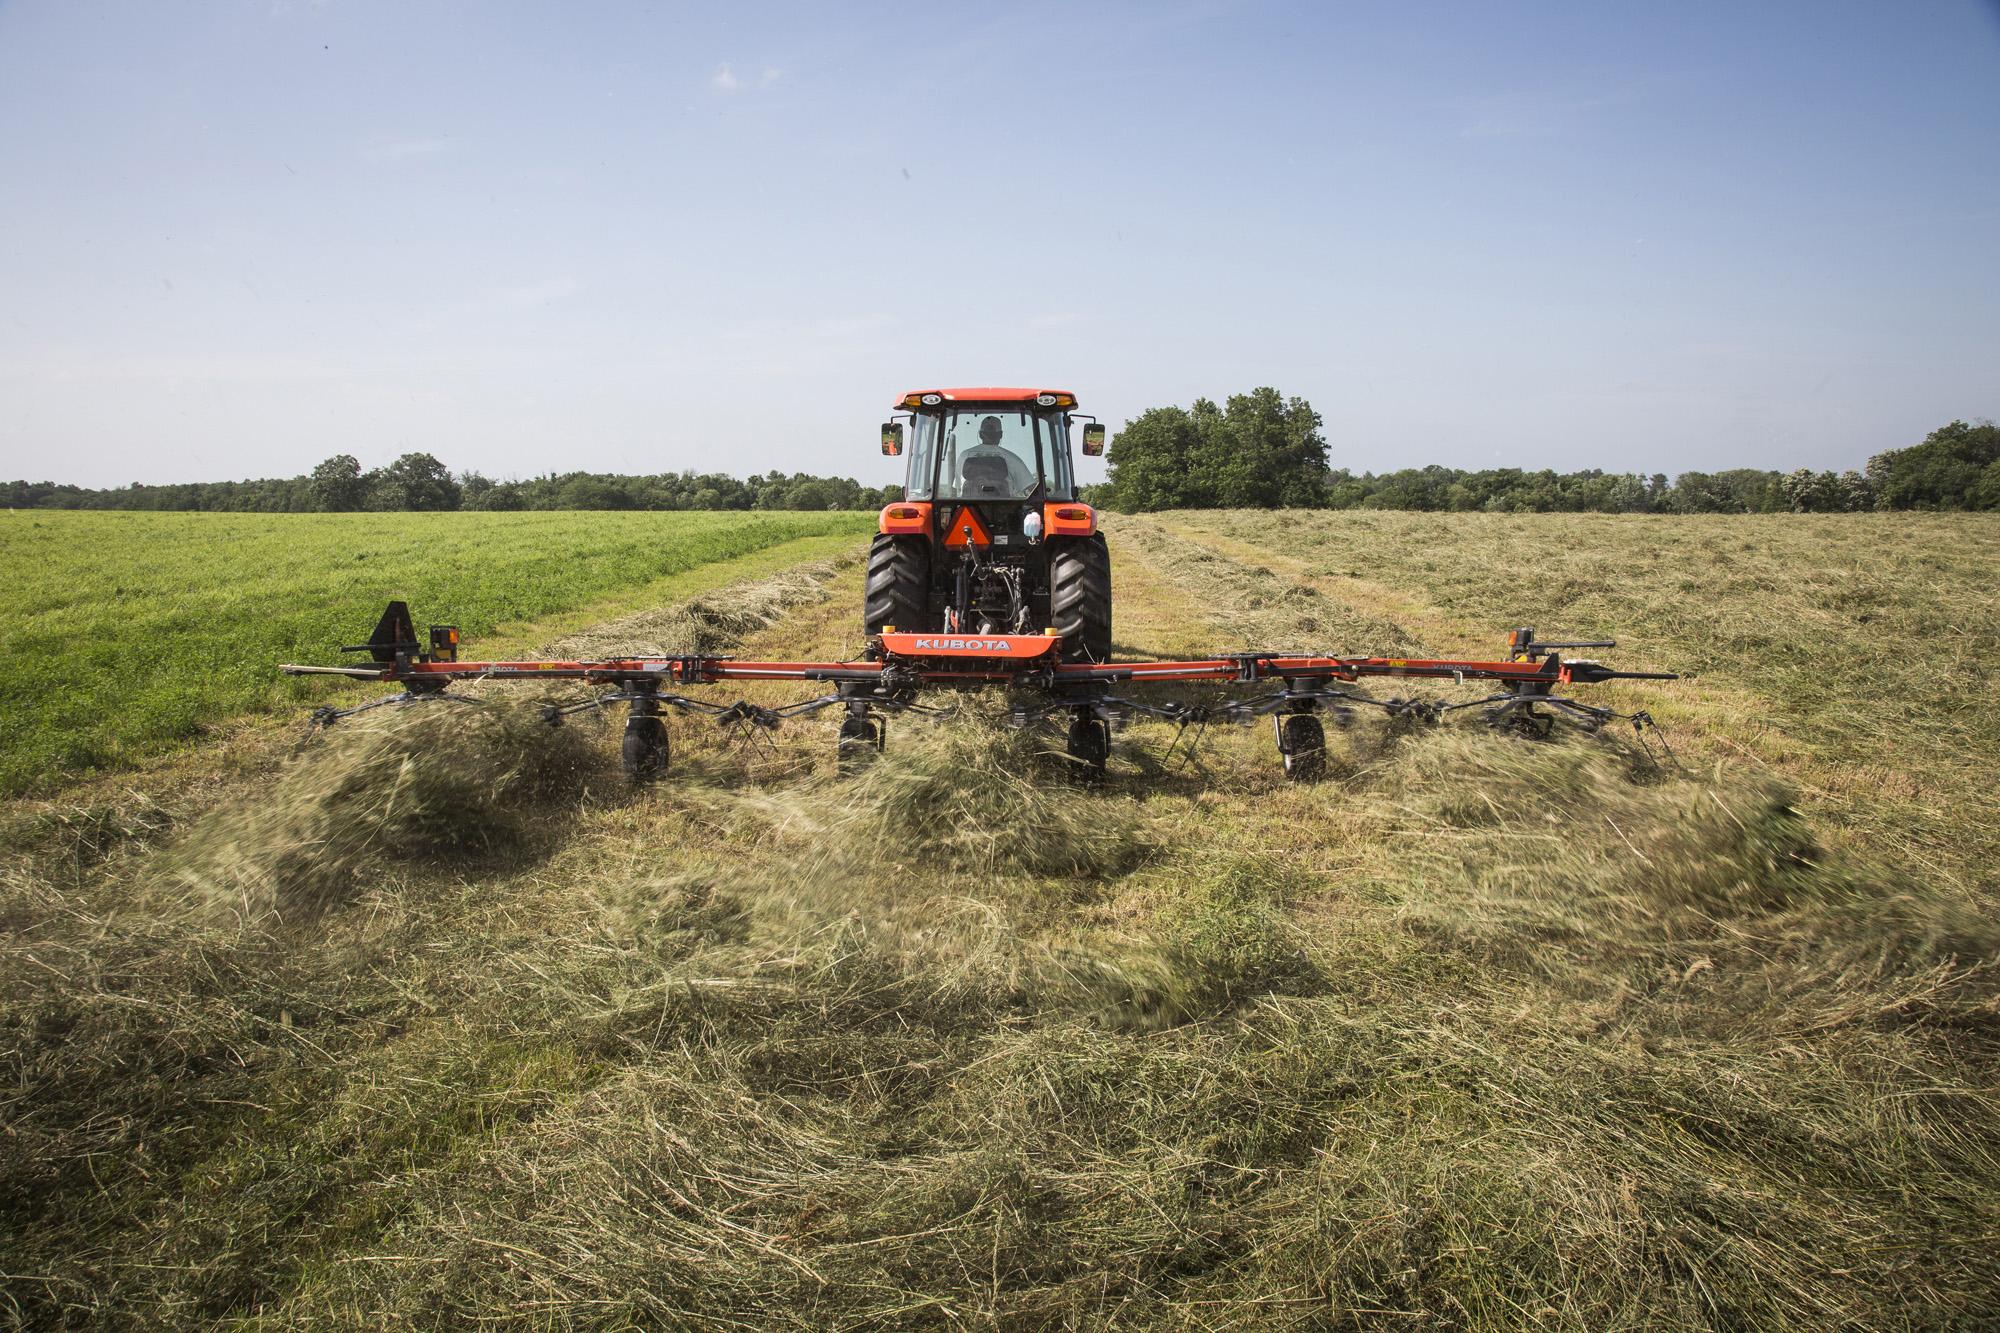 Baling Hay With Kubota : New phase of kubota hay tools now available at dealerships